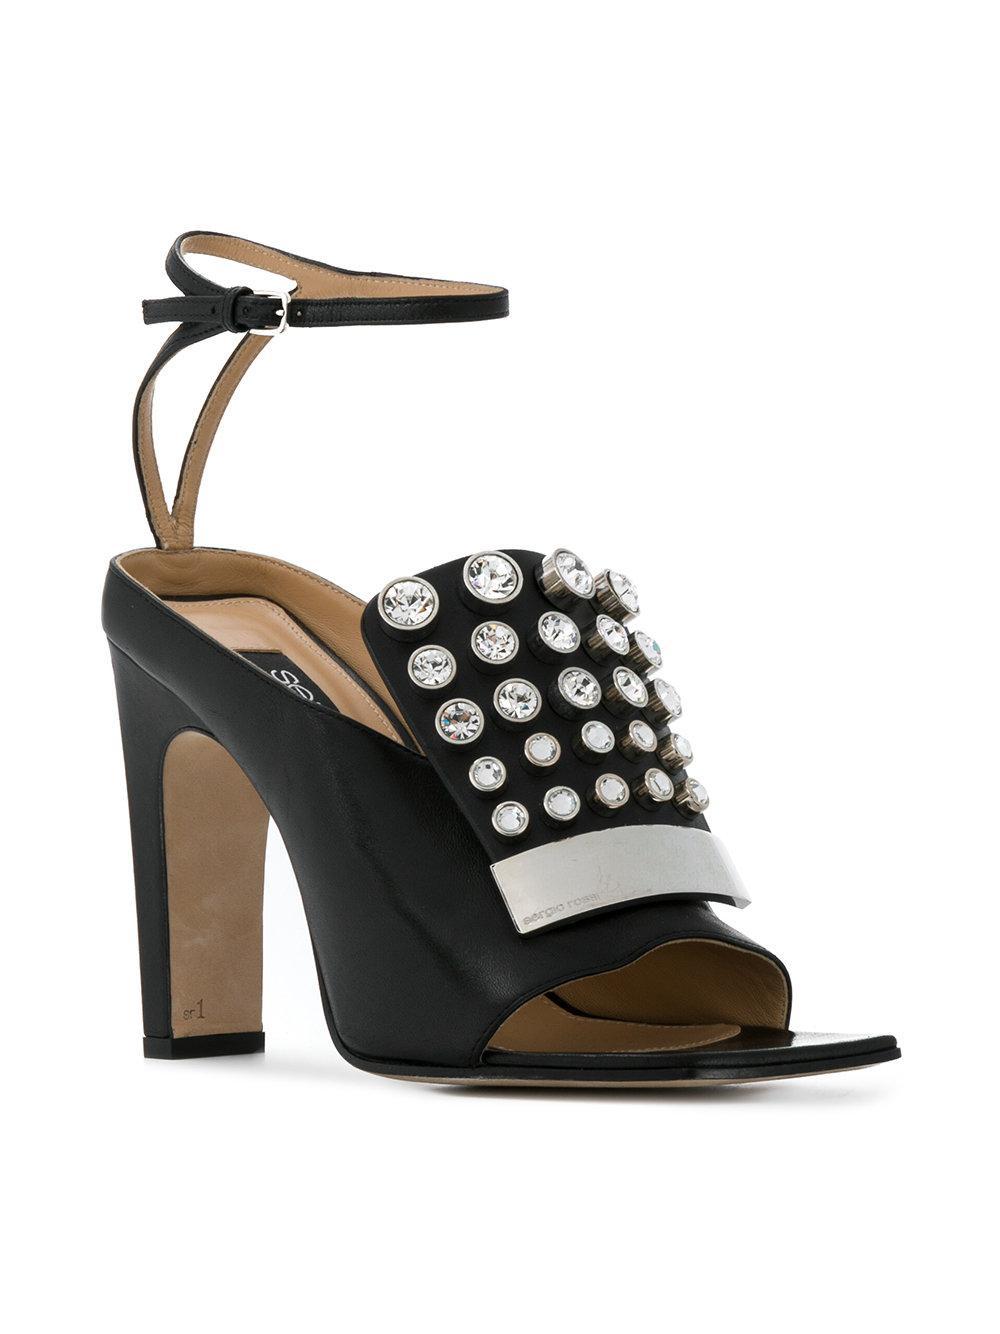 SR1 strappy sandals - Black Sergio Rossi RIz8Pe